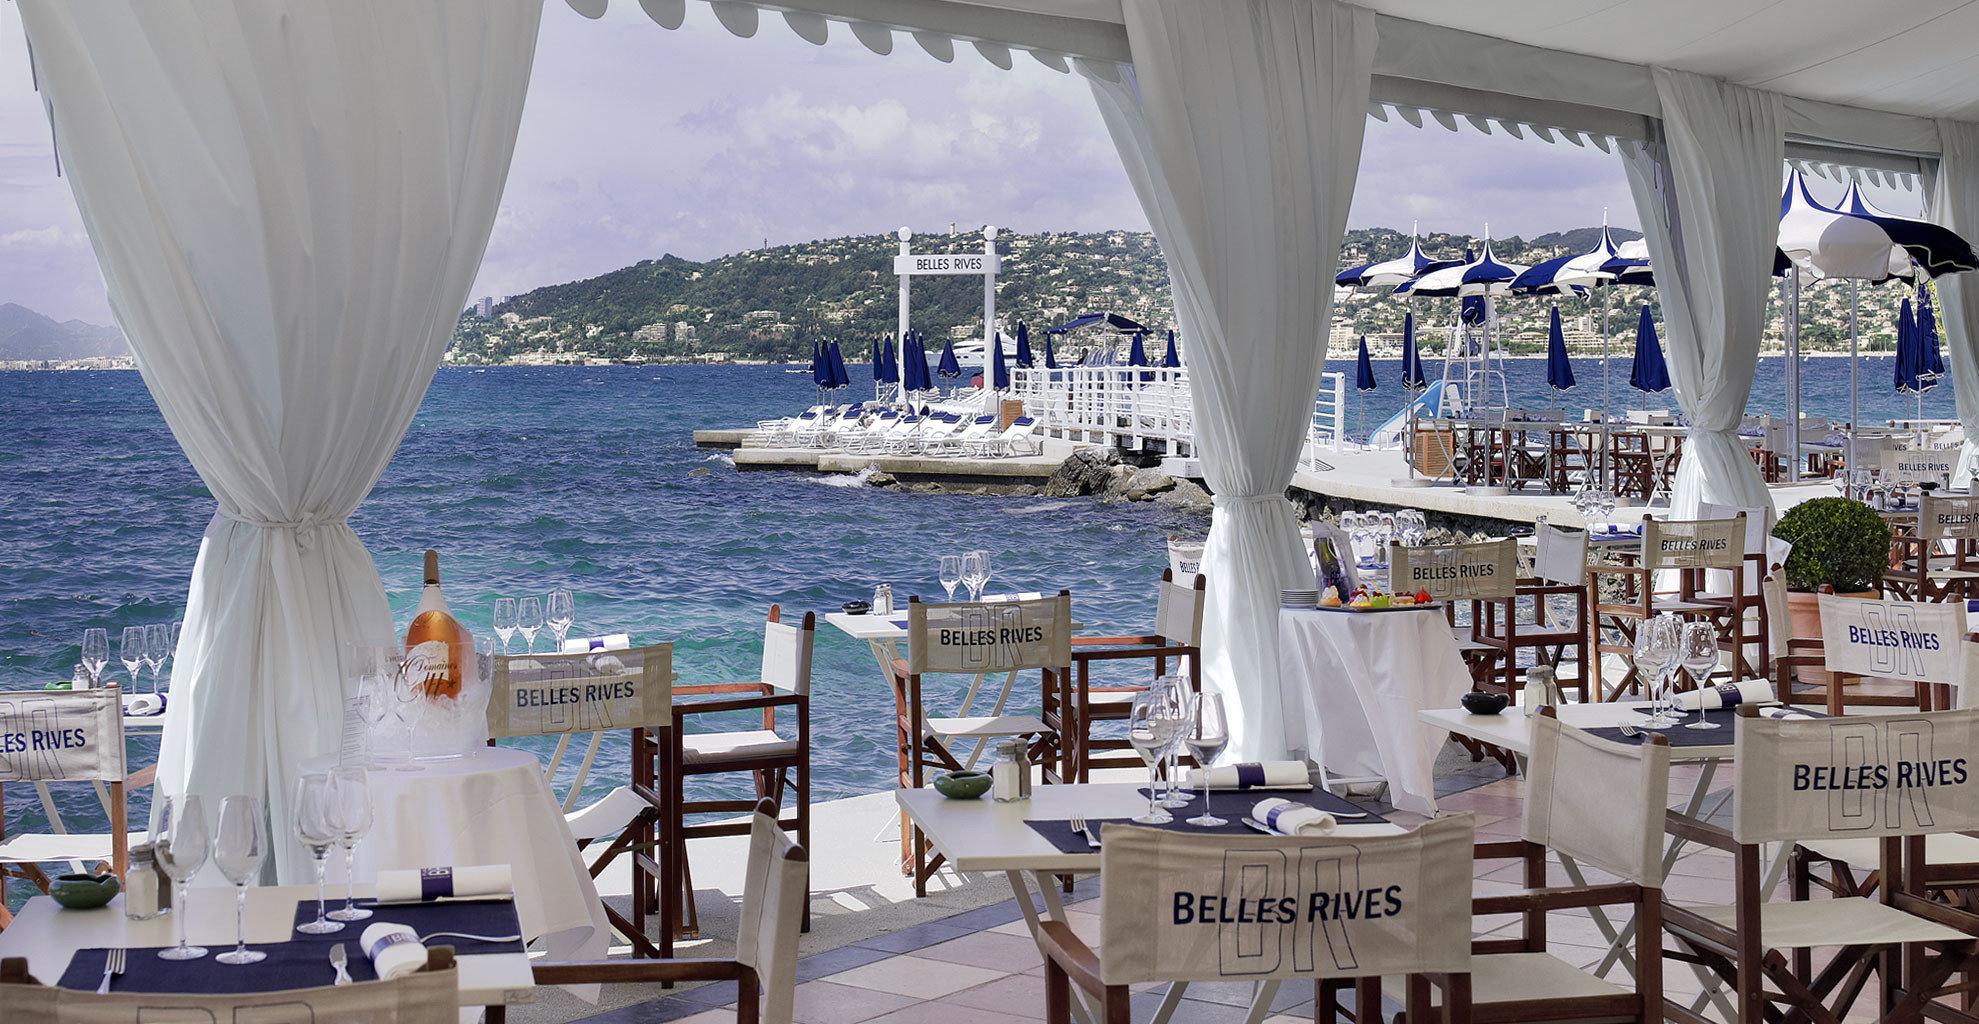 Beach Beachfront Dining Drink Eat Scenic views marina restaurant dock vehicle yacht Resort day